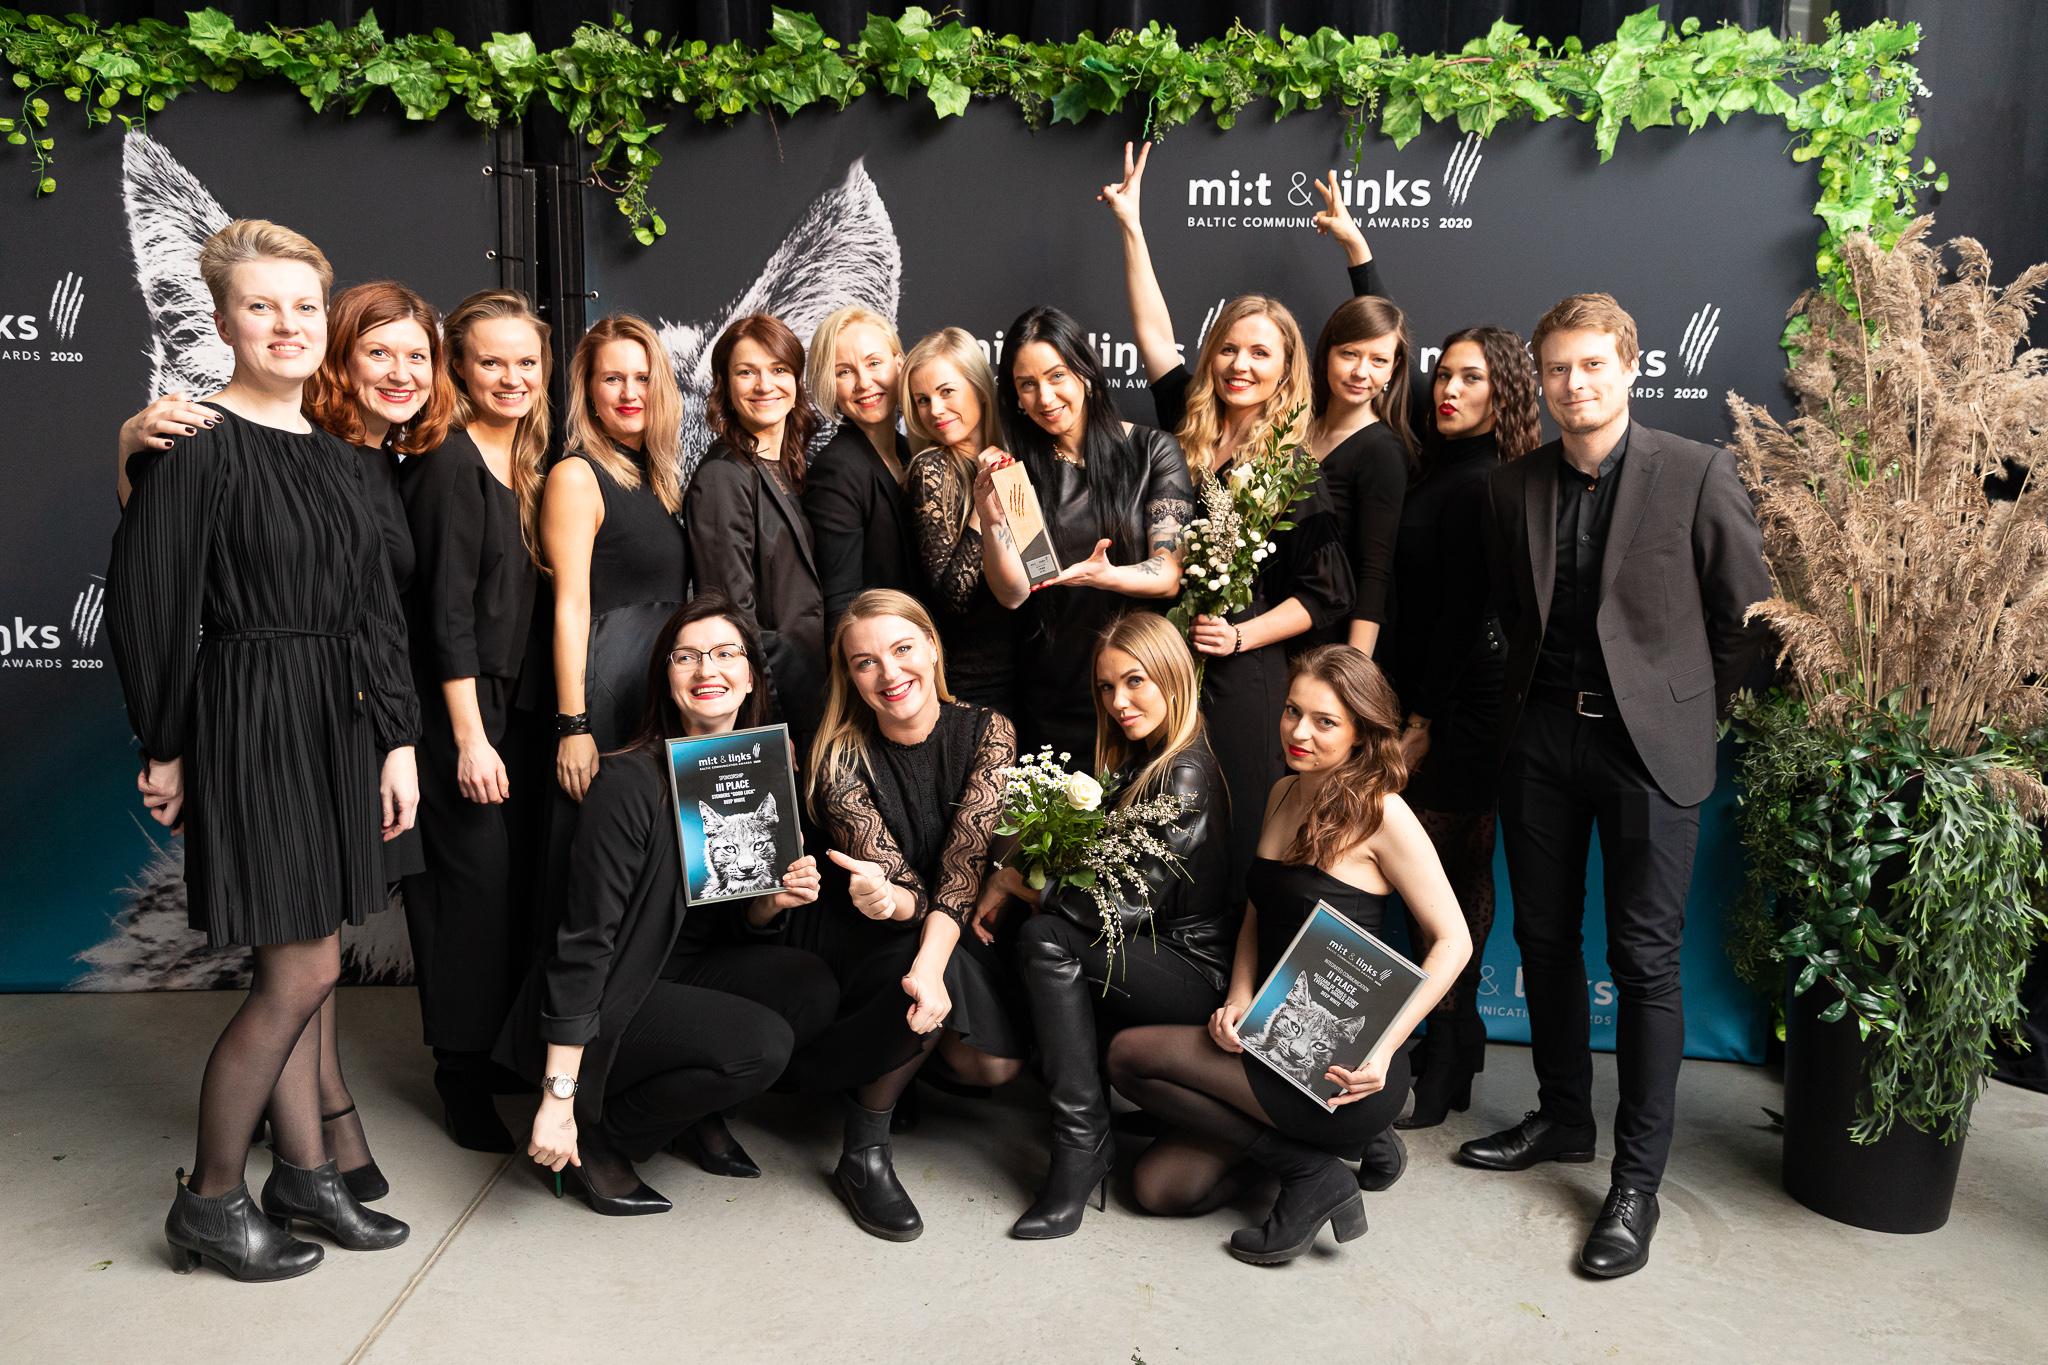 Četras nominācijas un trīs apbalvojumi konkursā Mi:t&Links Baltic Communication Awards 2020